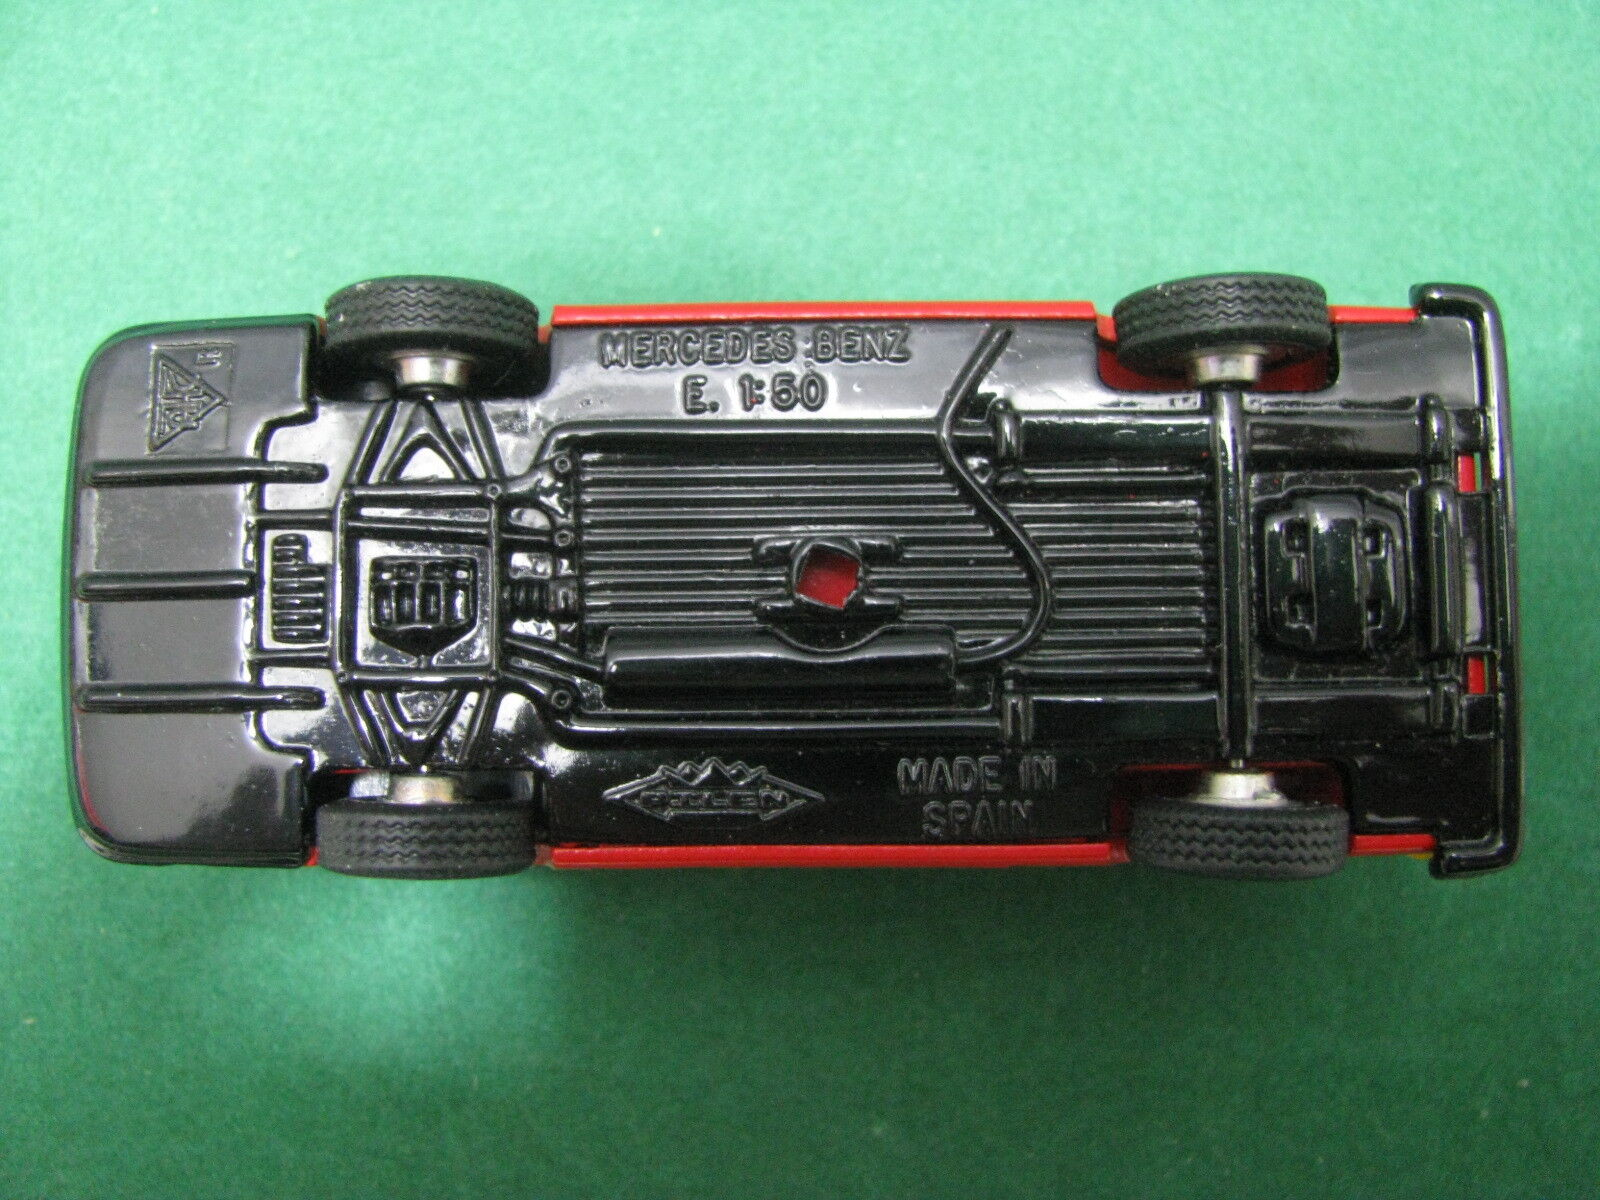 Vintage - MERCEDES-BENZ Sprinter - 1 50 Auto-Pilen M-377 M-377 M-377 9d7d03